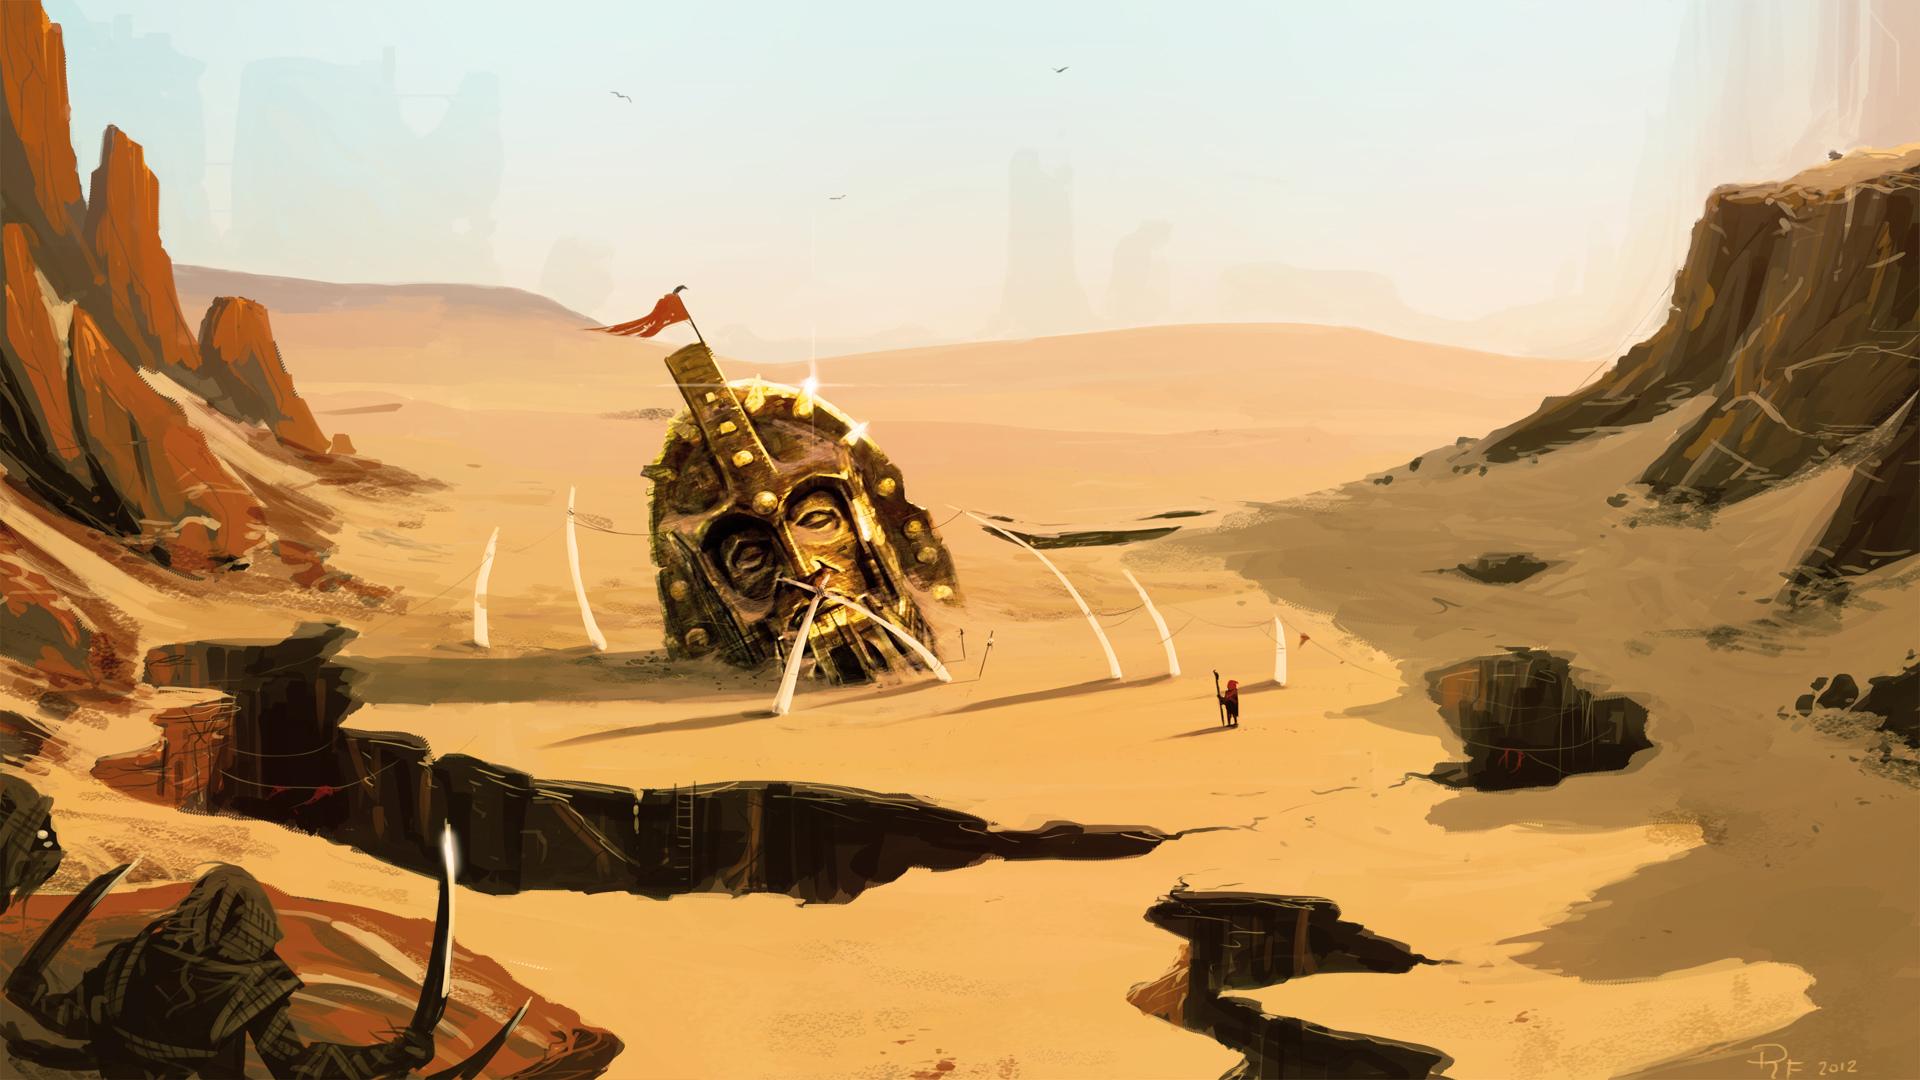 landscape_dips_head_desert_art_1920x1080.jpg